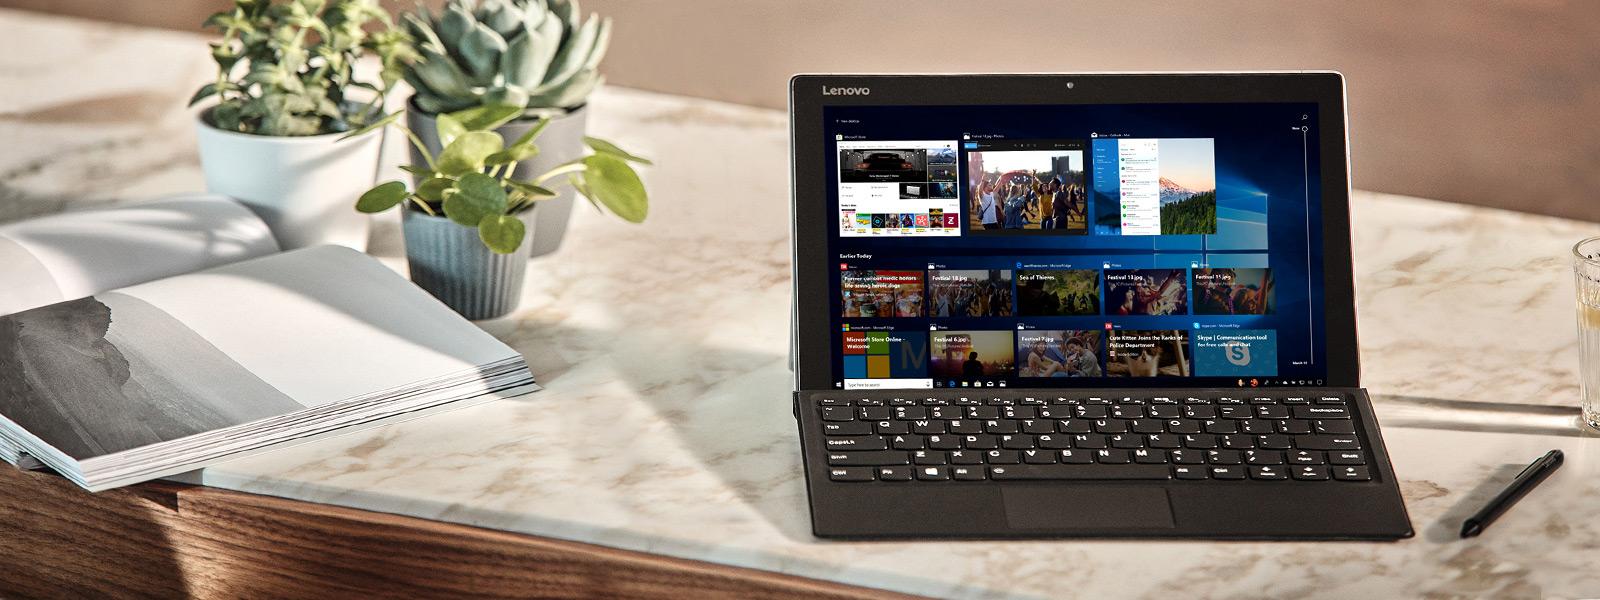 Obrazovka počítače zobrazující funkci aktualizace Windows 10 z dubna 2018.